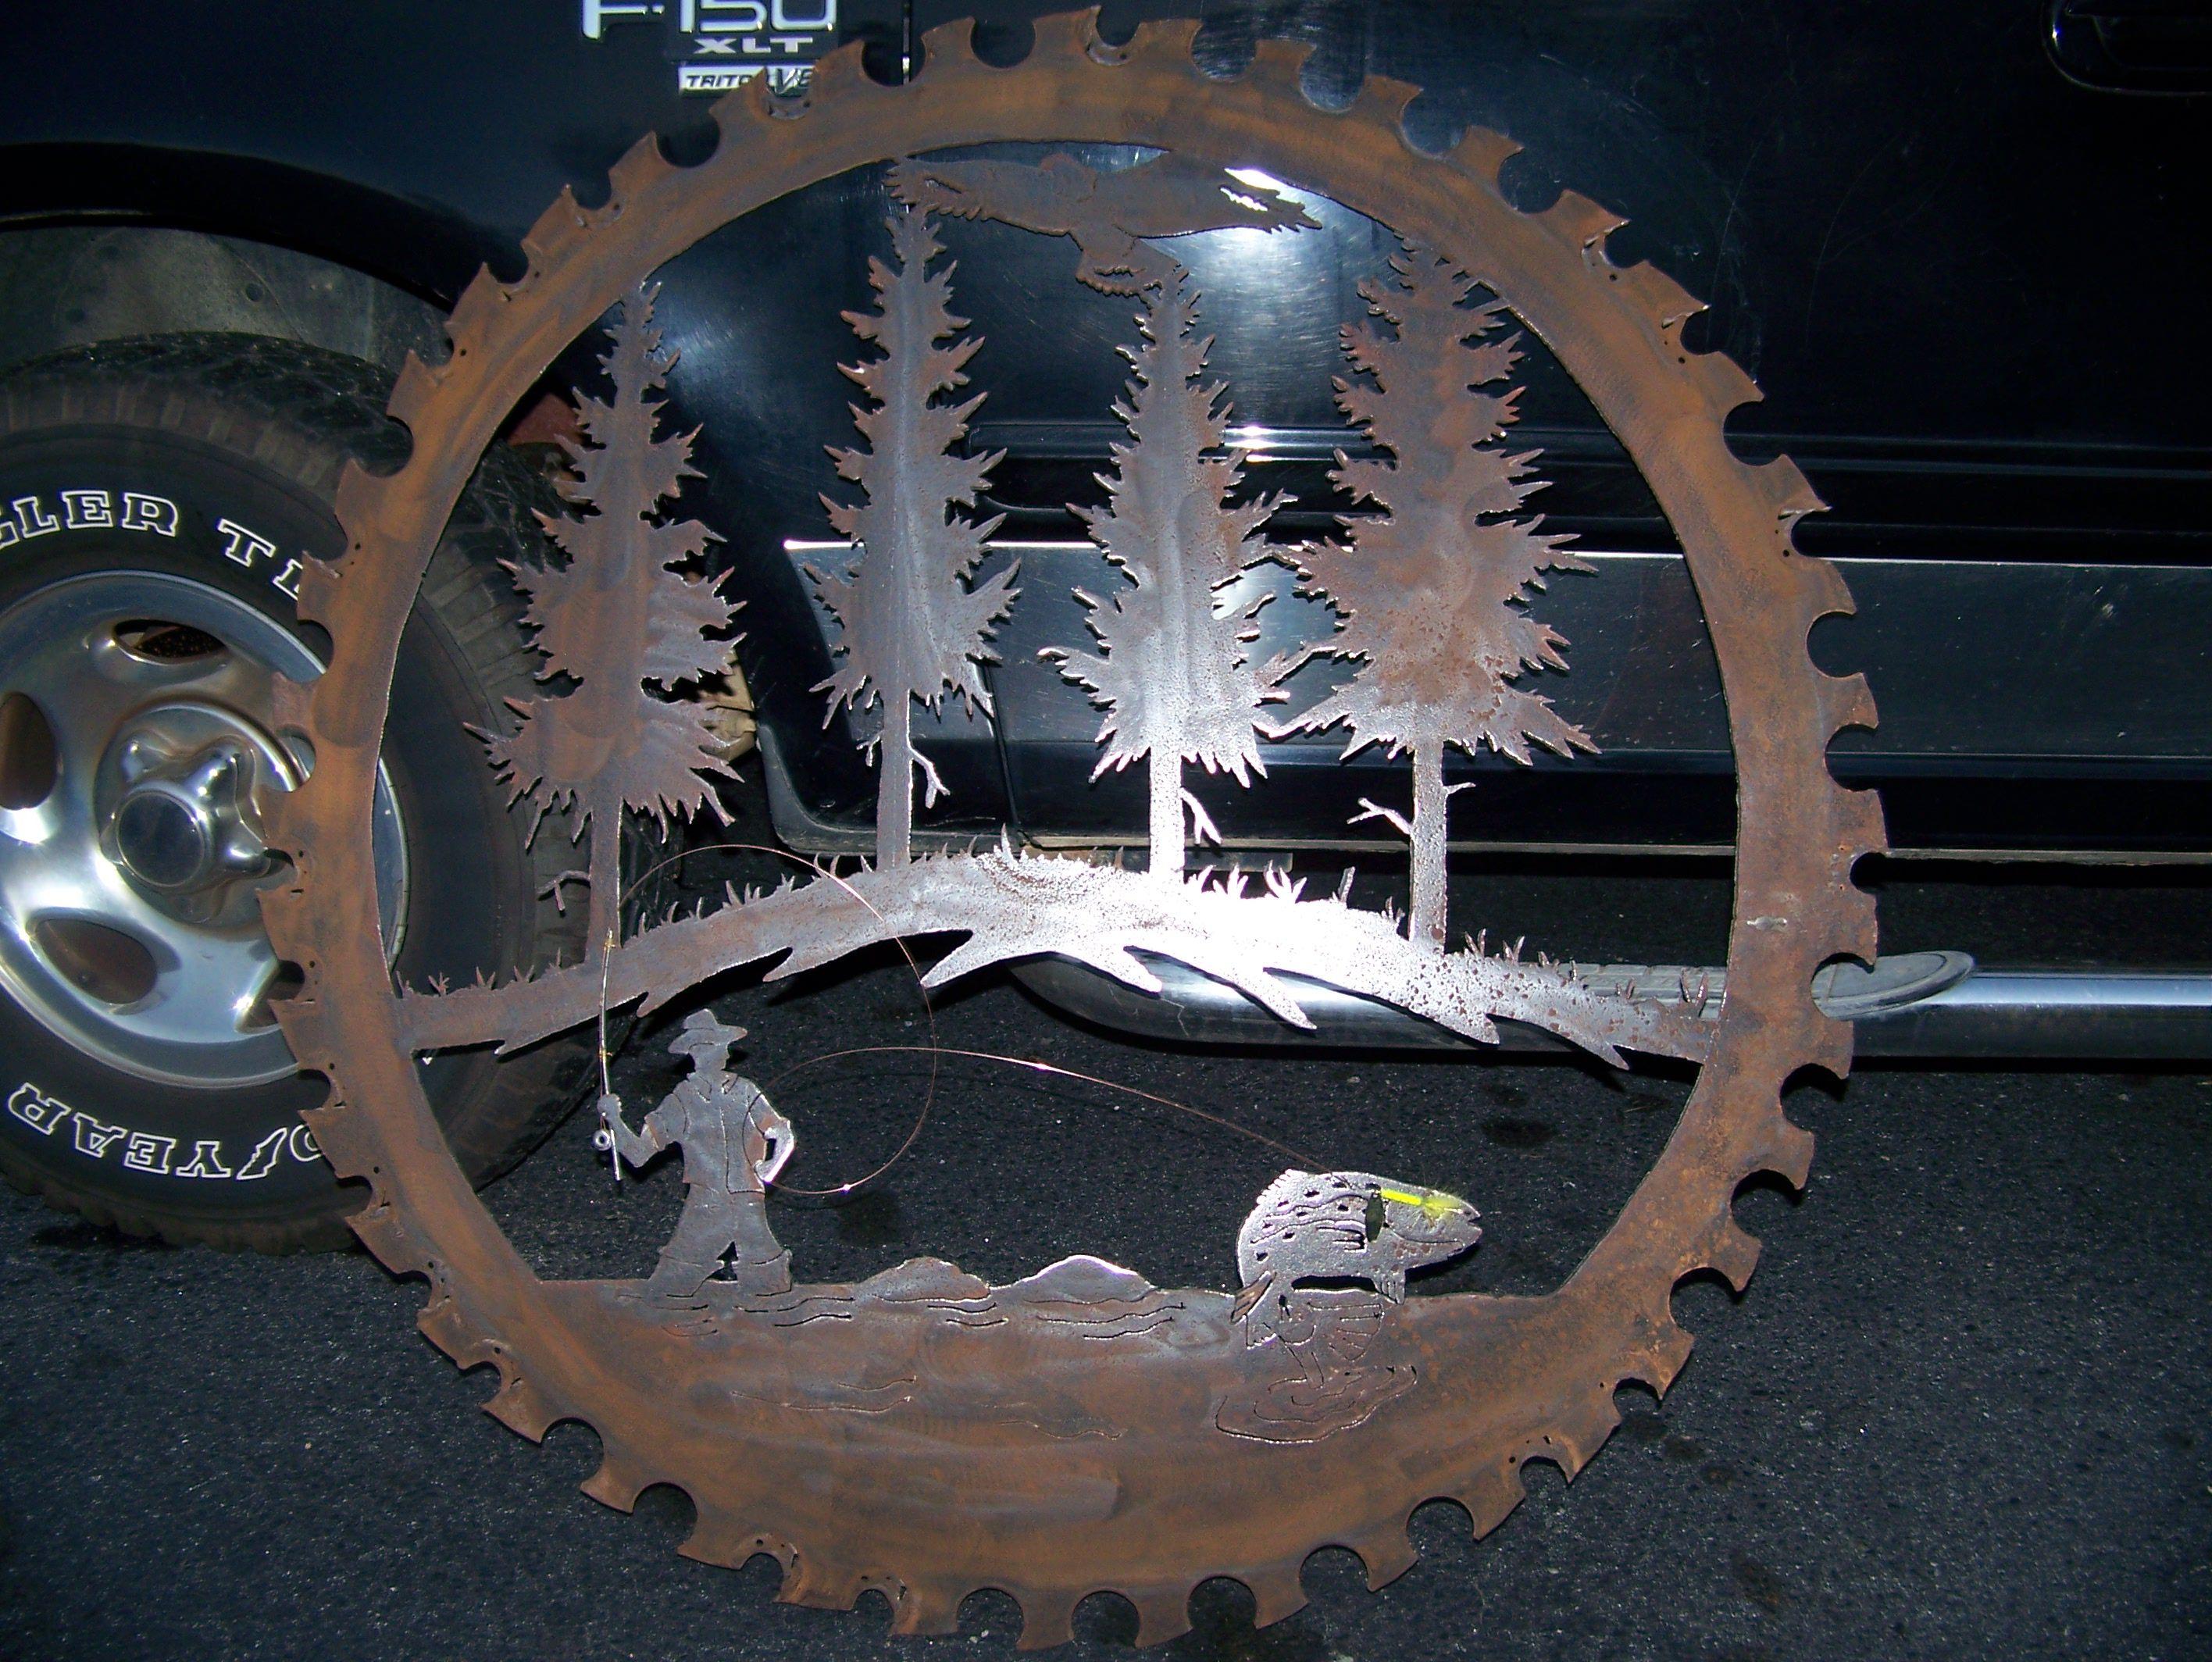 Design elements plasma cutting custom design plasma cutting artistic - 48 Inch Saw Blade Cut With A Plasma Cutter